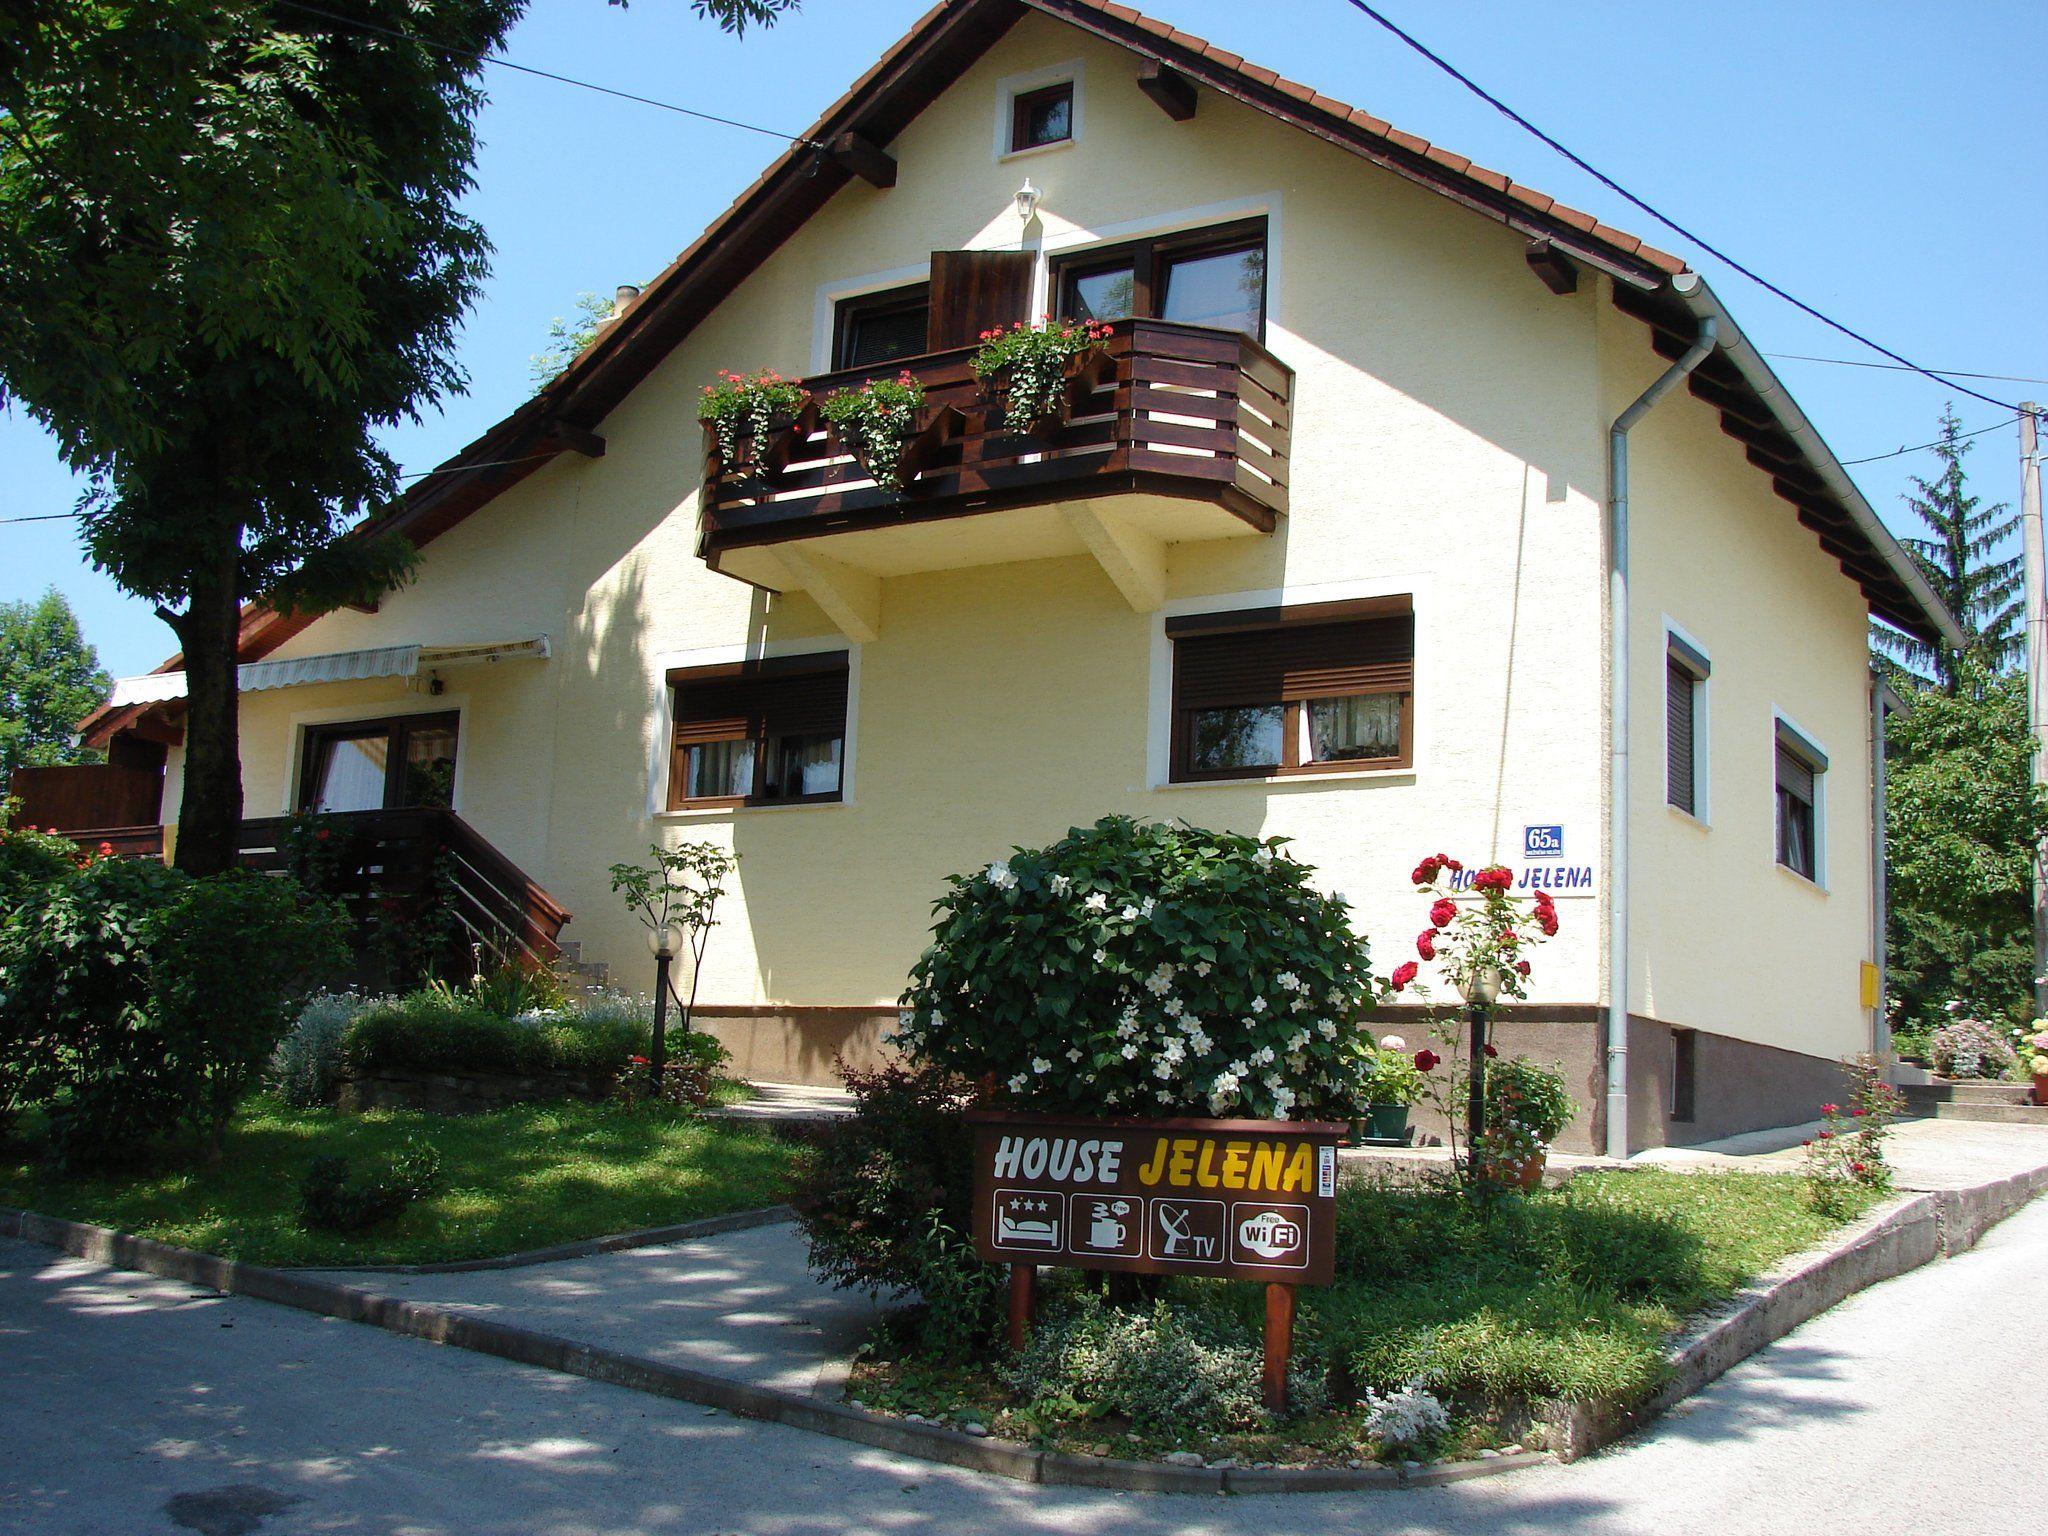 伊莲娜旅馆